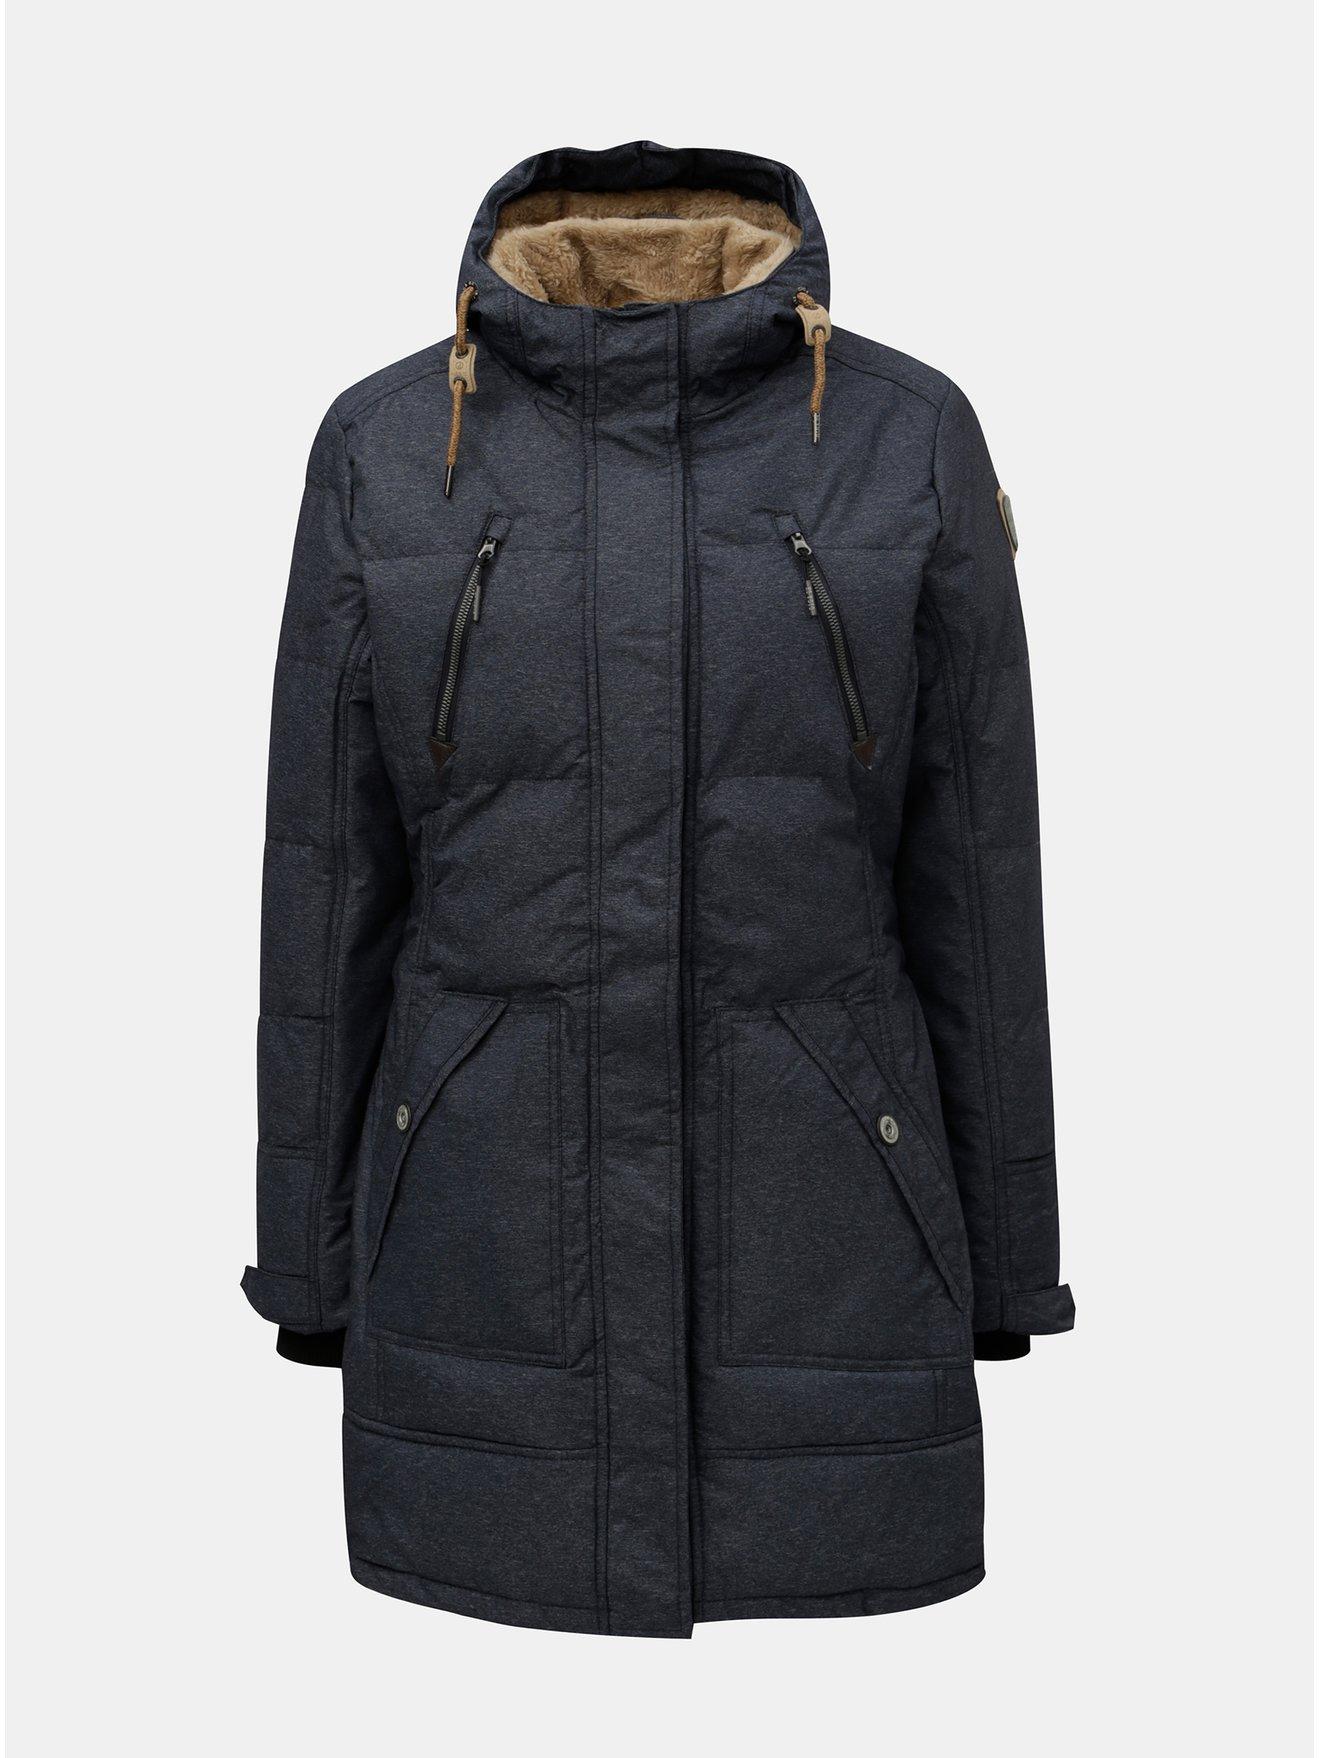 Modrý dámský žíhaný zimní voděodolný kabát killtec Treva